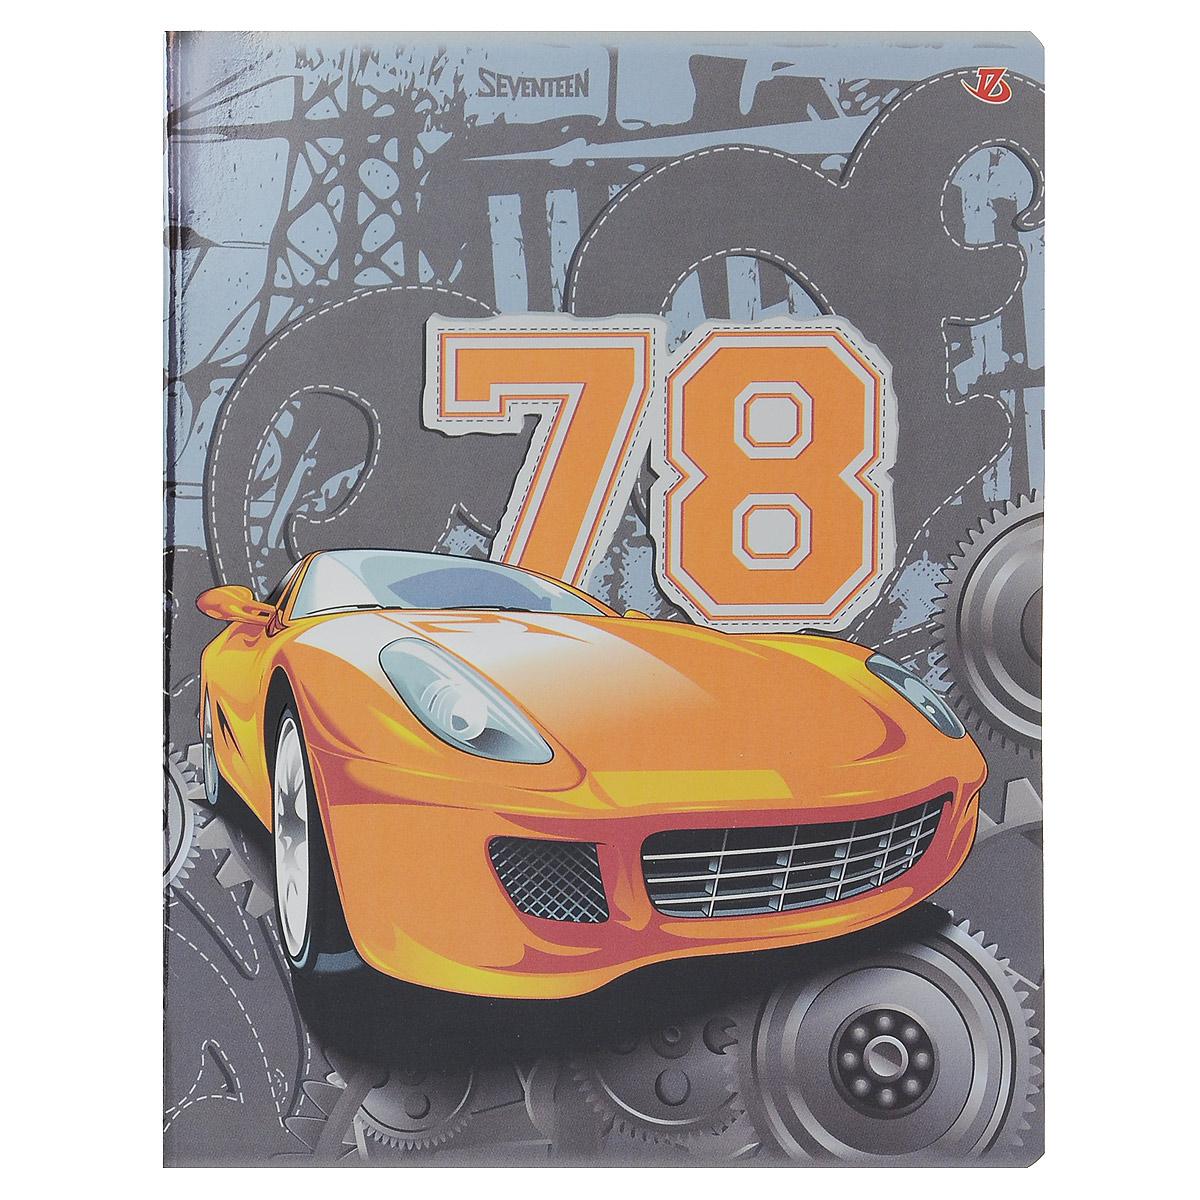 Тетрадь Seventeen Авто 78, цвет: серый, оранжевый, 48 листов72523WDТетрадь Seventeen Авто 78 прекрасно подойдет как студенту, так и школьнику.Обложка тетради с фактурным изображением оранжевого автомобиля выполнена из мелованного картона с закругленными углами.Внутренний блок тетради состоит из 48 листов высококачественной бумаги повышенной белизны. Стандартная линовка в клетку дополнена полями, совпадающими с лицевой и оборотной стороны листа. Первая страничка содержит поля для заполнения личных данных.